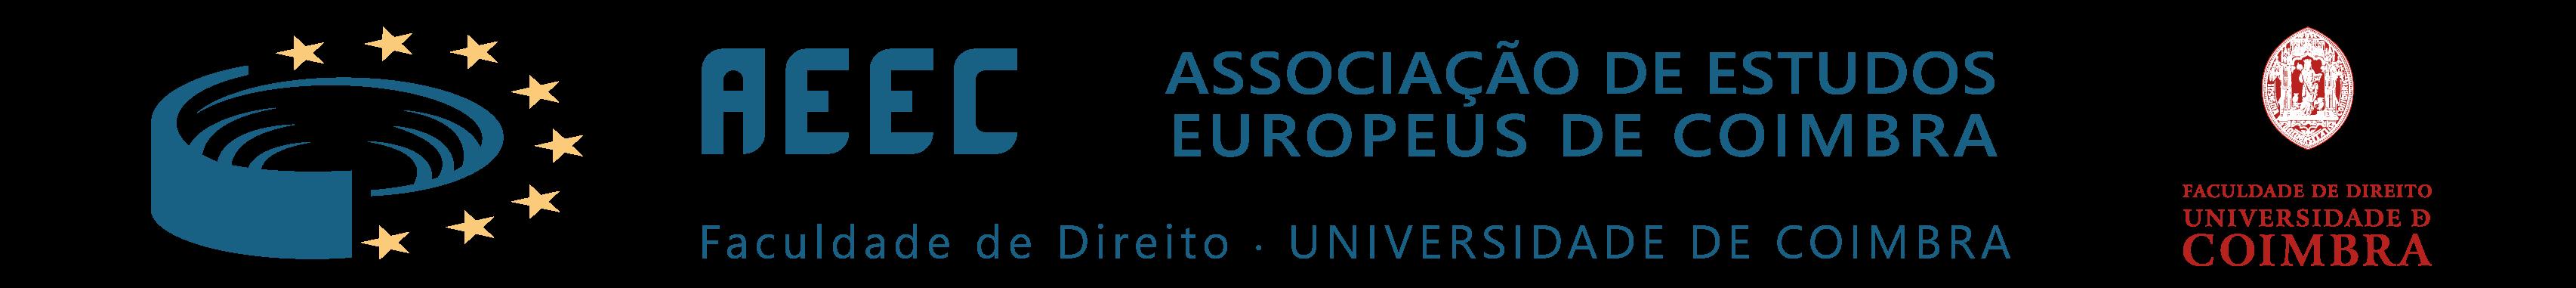 AEEC . Associação de Estudos Europeus de Coimbra